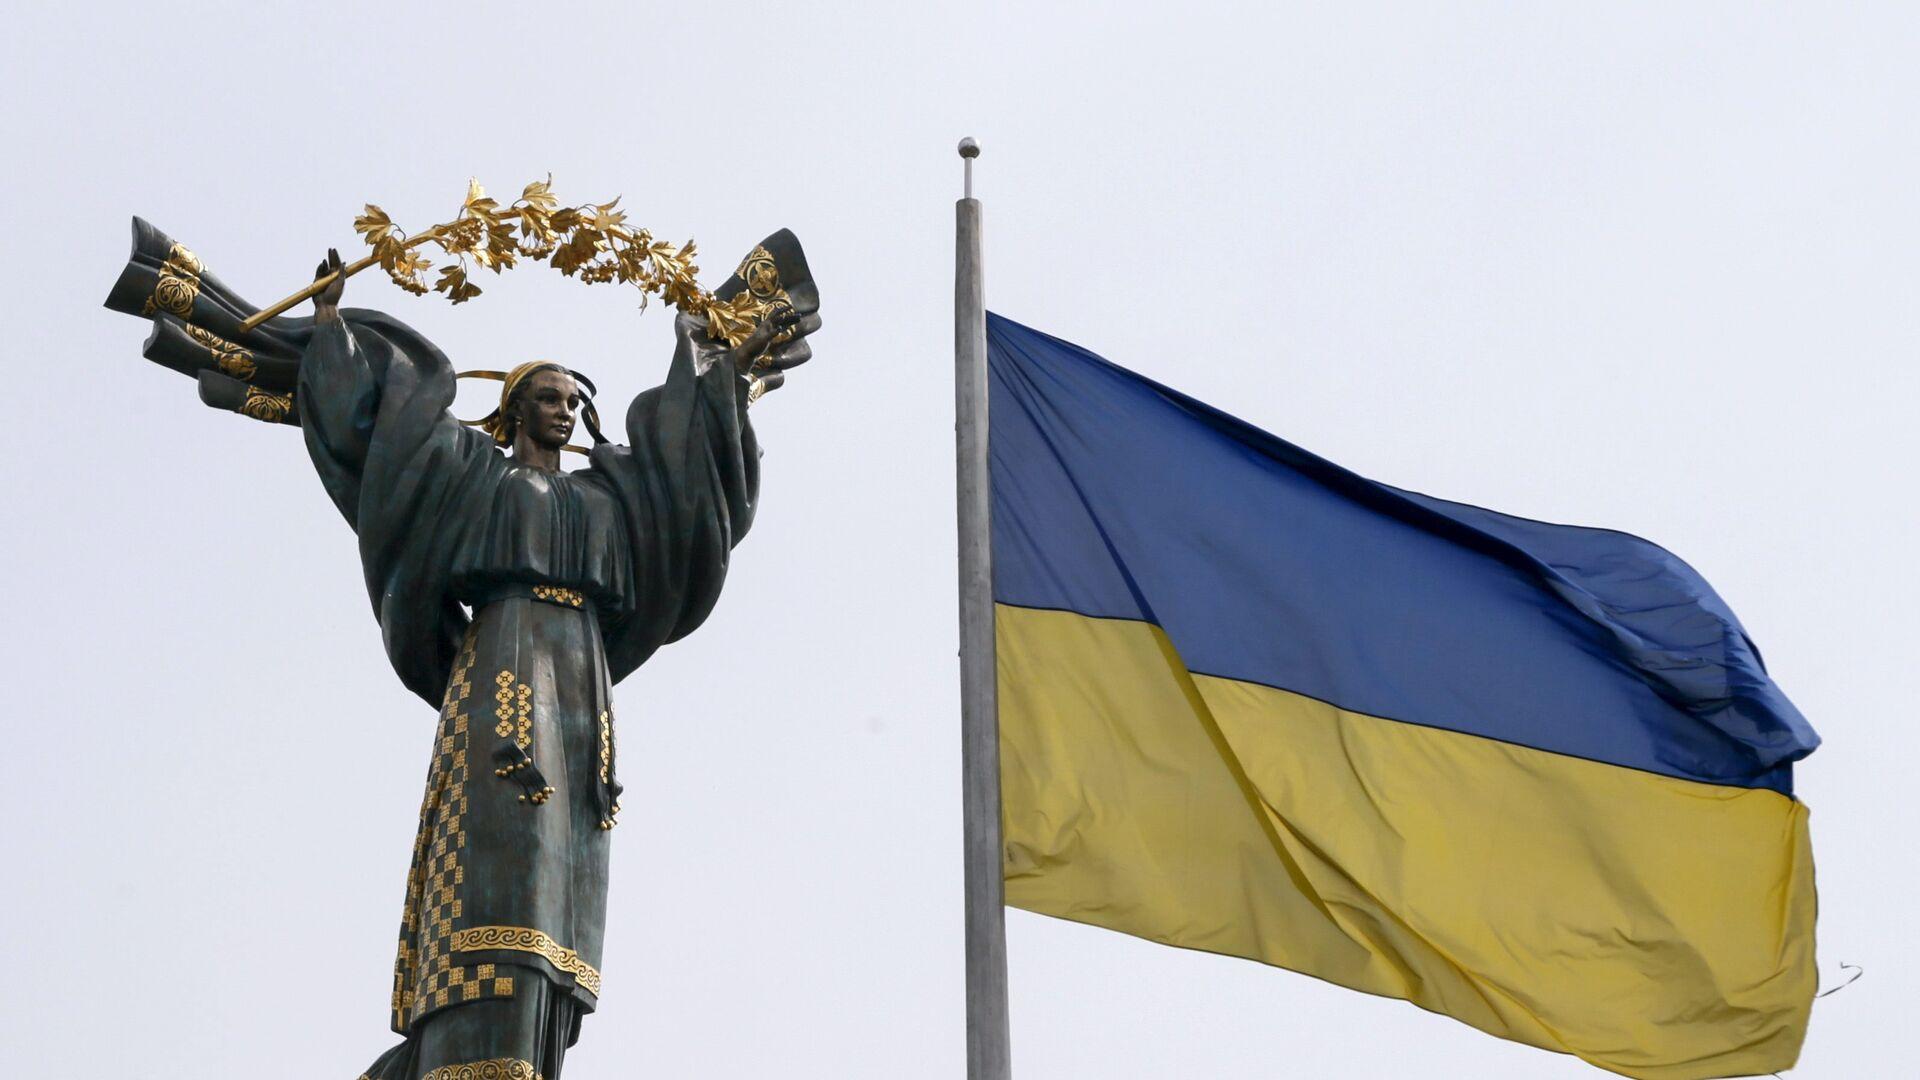 Монумент Независимости в Киеве и флаг Украины - Sputnik Латвия, 1920, 13.07.2021